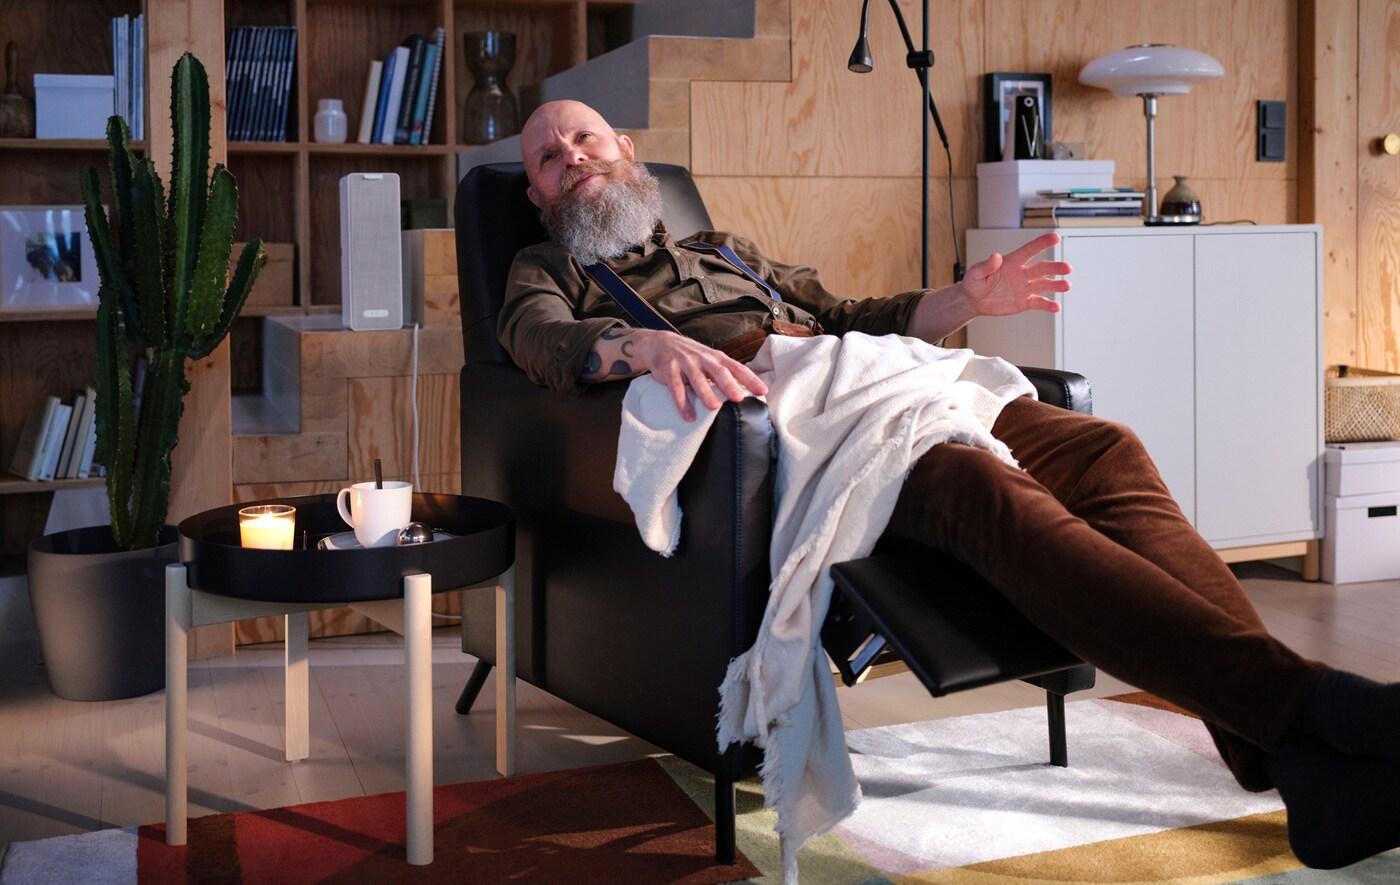 Lien vers «Parfois, il suffit d'une chanson et d'un fauteuil inclinable pour trouver la paix intérieure» - image d'un homme en train de relaxer dans un fauteuil inclinable.